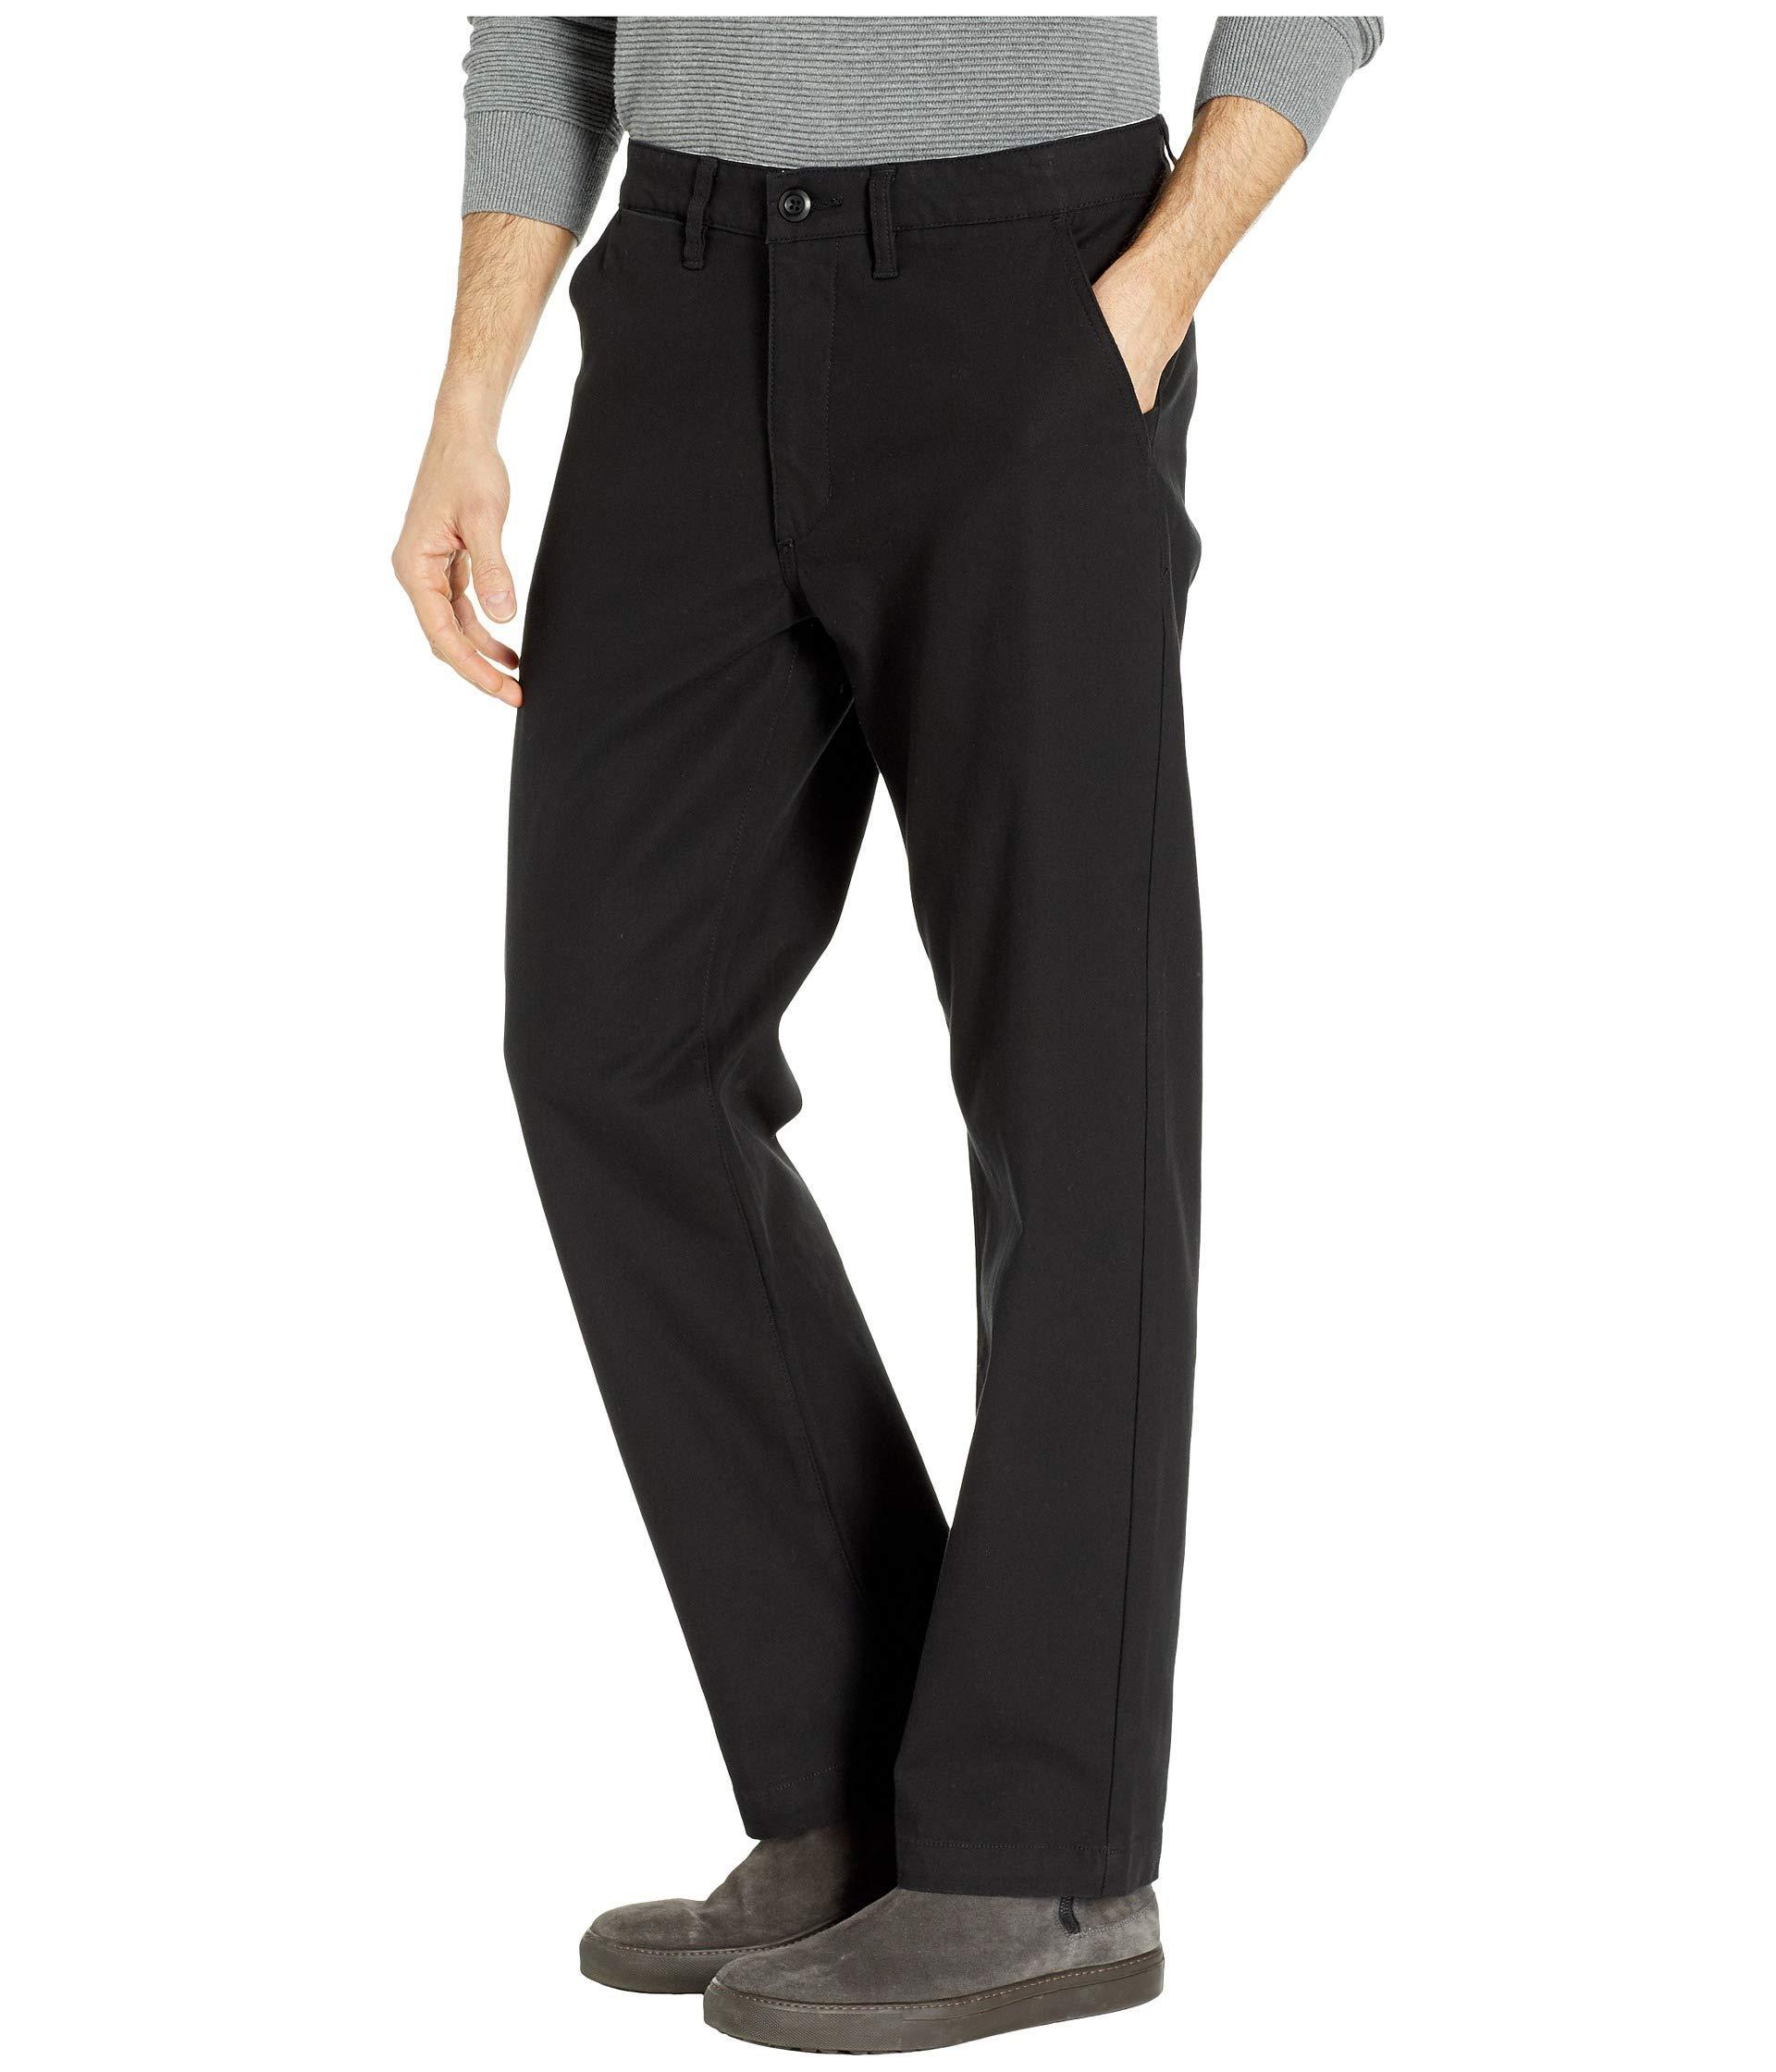 c69ecb9d98 Lyst - Globe G6 Appleyard Rage Pants (weed) Men's Casual Pants in Black for  Men